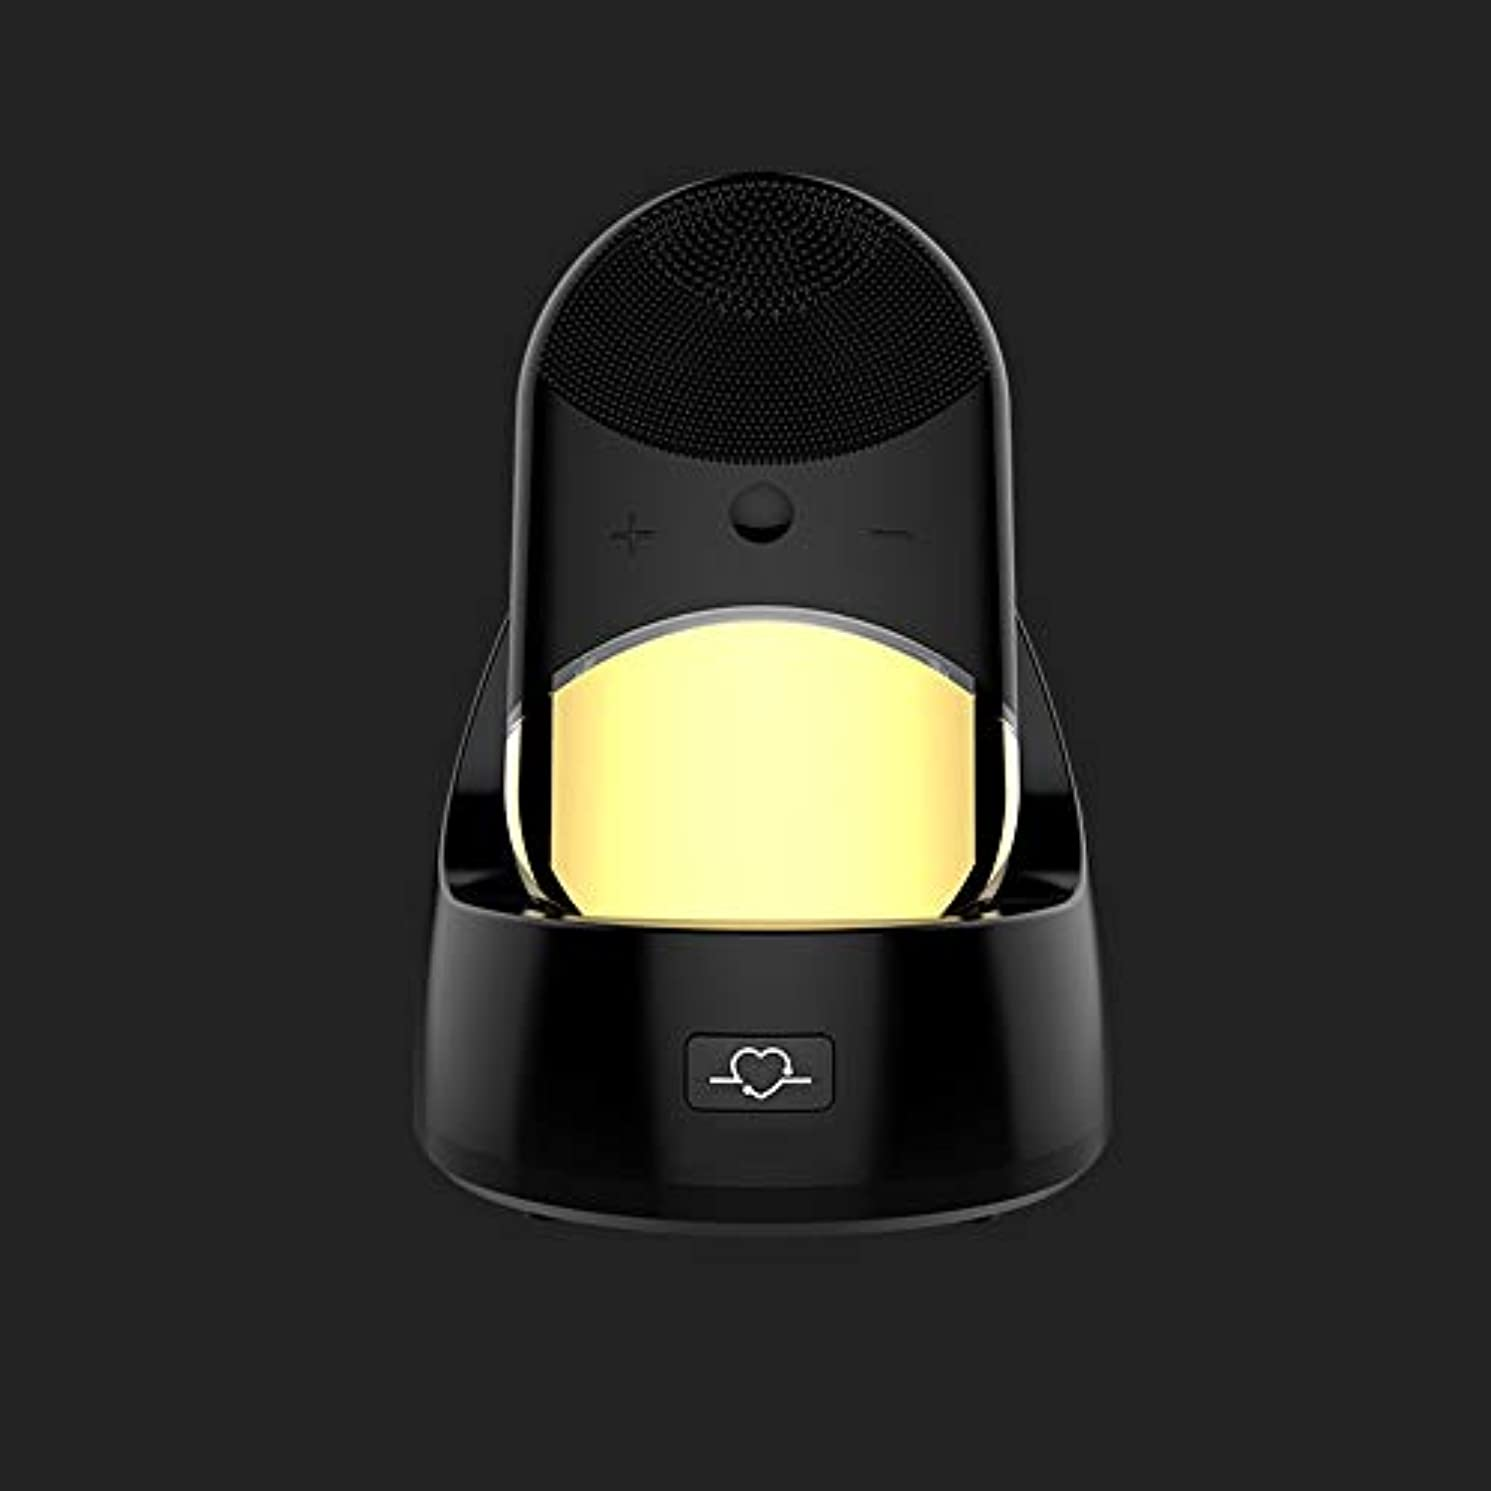 前任者スリットスキームZXF 新しい充電式シリコーン電気クレンジングブラシ45度マイルドとディープクリーンポア防水クレンジング器具マッサージ器具美容器具 滑らかである (色 : Black)